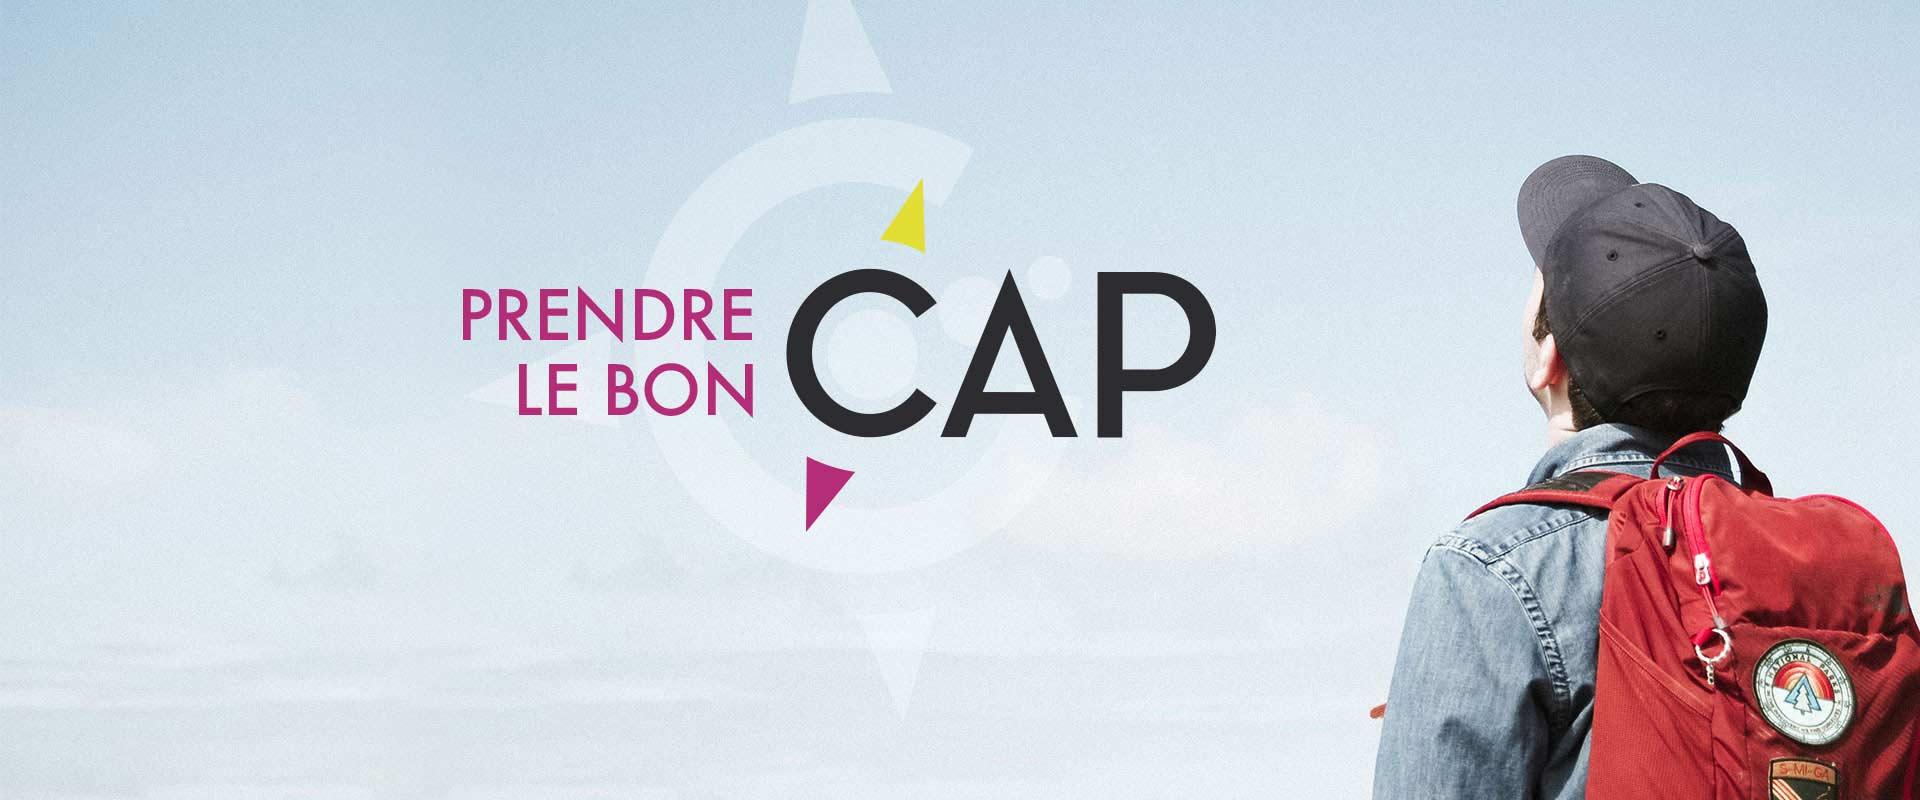 Cap etudes orientation scolaire et professionnelle Bayonne, France